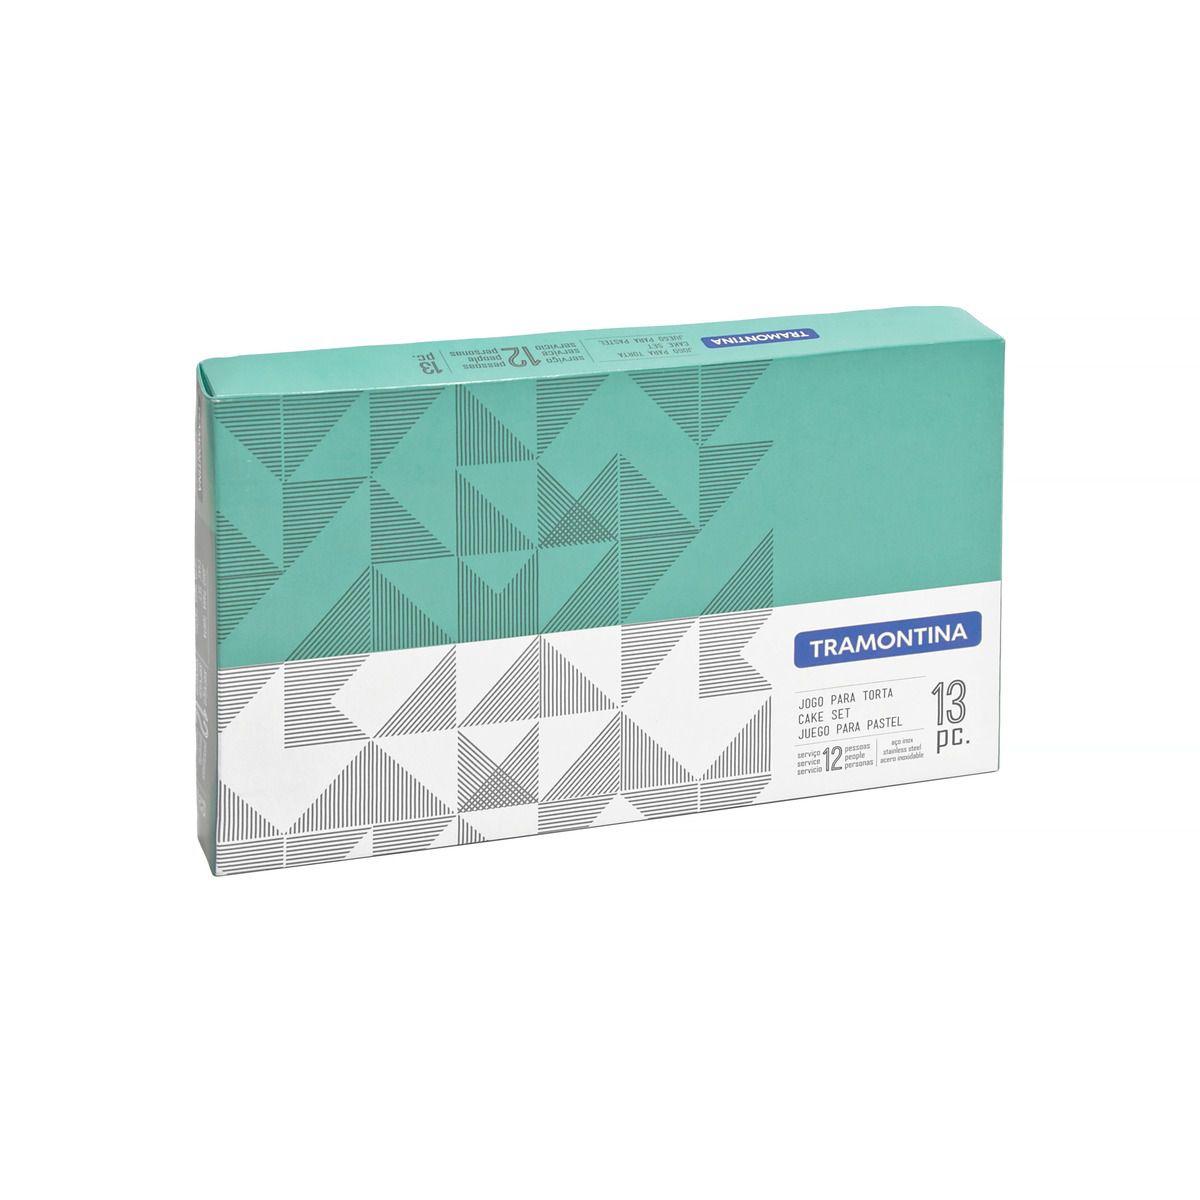 Faqueiro para Churrasco Tramontina Maresias em Aço Inox 24 Peças 66902/840 | Lojas Estrela